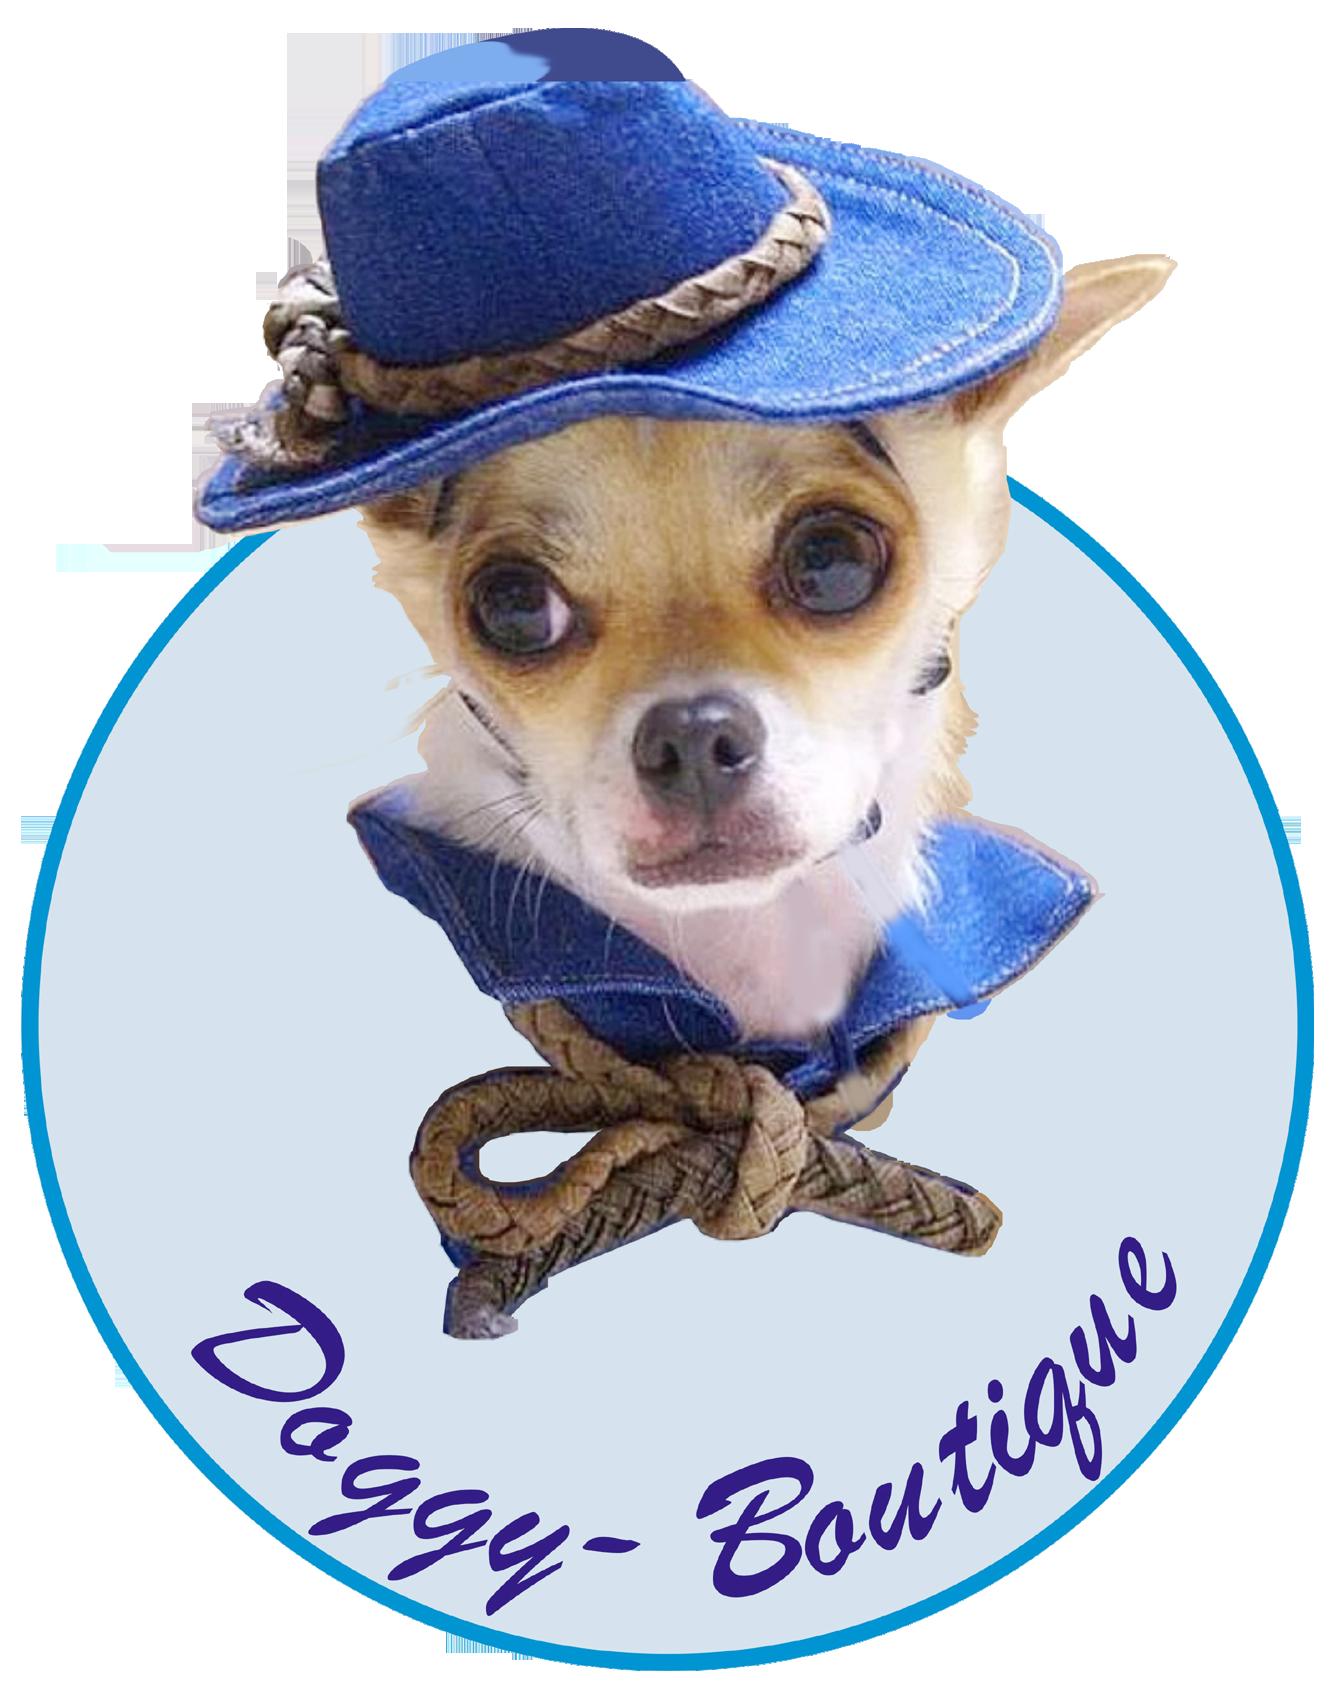 cde1eb1c6bfe интернет-магазин! одежда для собак! дешево от 300р.! для! одежды! -  Дог-Бутик одежда для собак